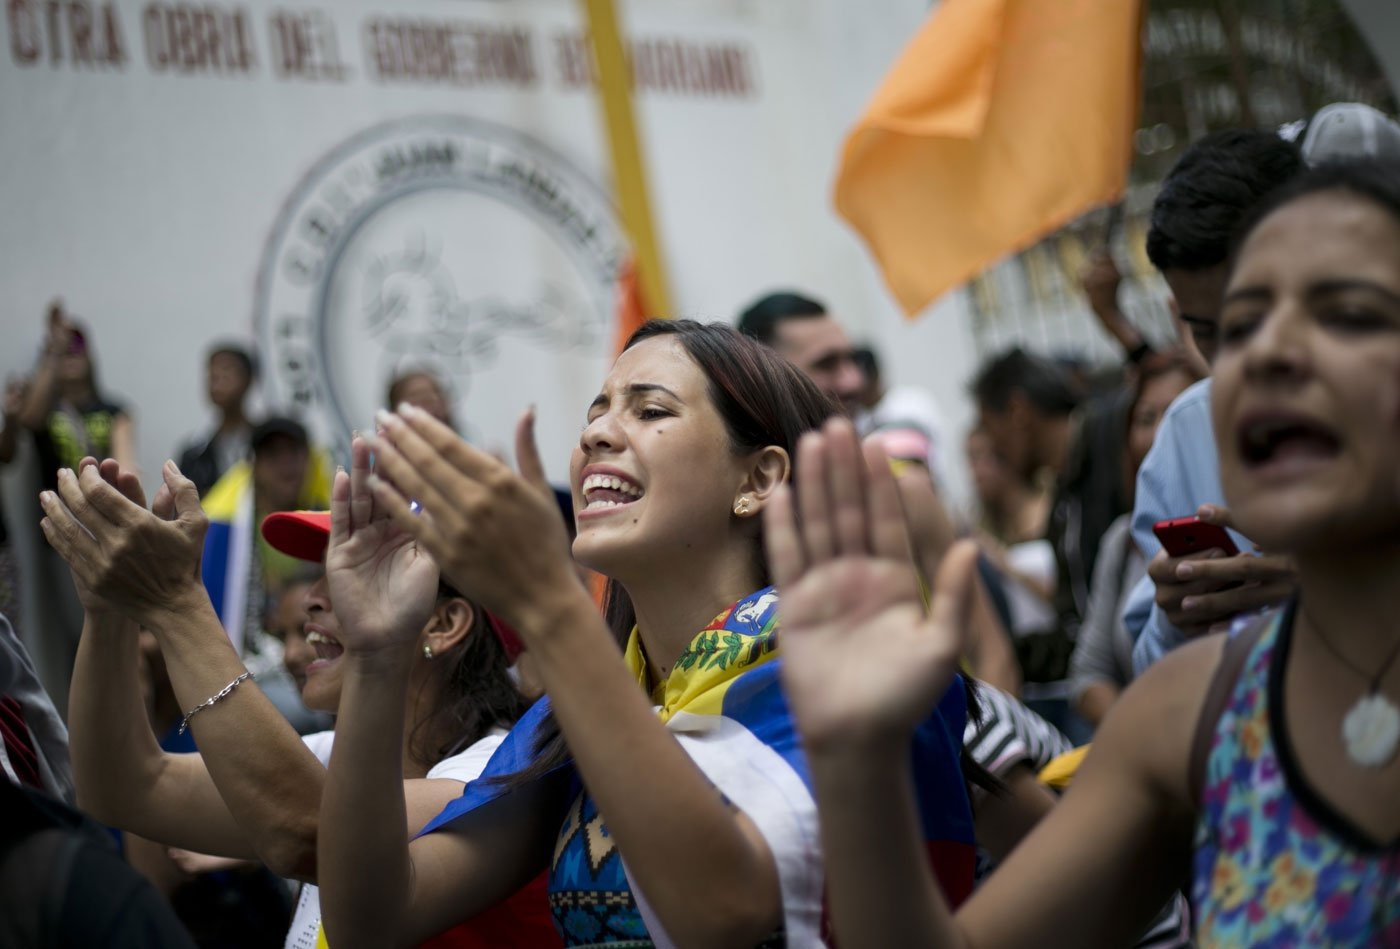 Manifestantes gritan consignas contra el presidente venezolano Nicolas Maduro en Los Teques en las afueras de Caracas, Venezuela, el miércoles 7 de septiembre de 2016 (AP Foto/Ariana Cubillos)